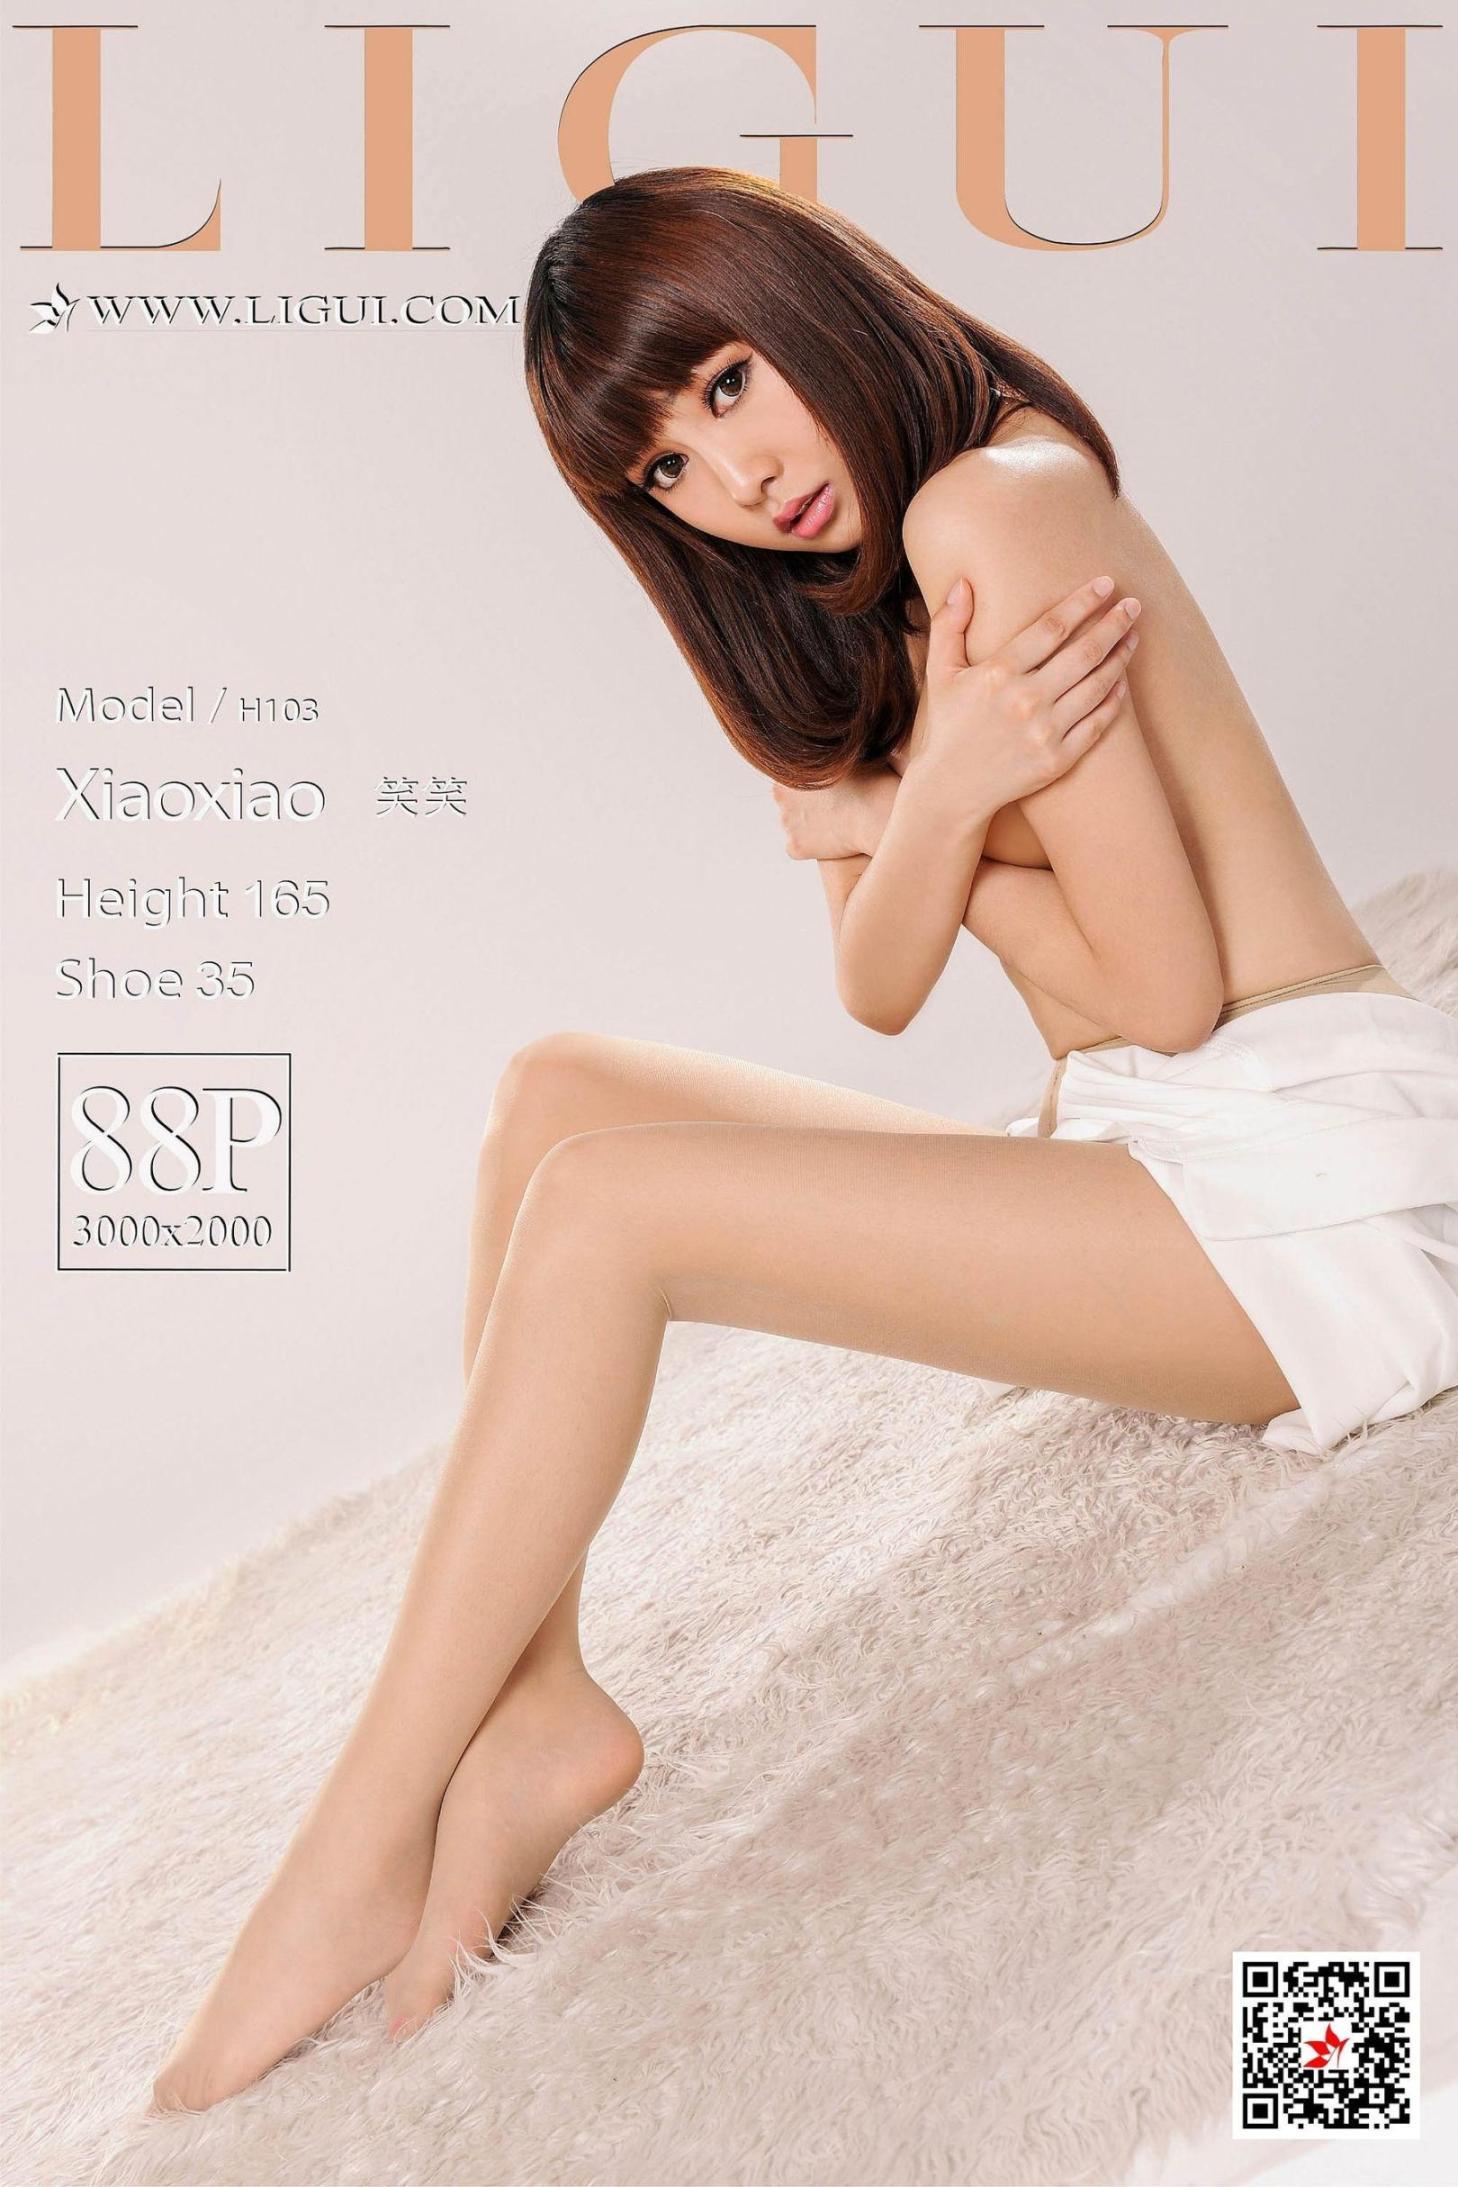 [网络美女] 网络美女 白衬衫美腿丽人 高清写真套图